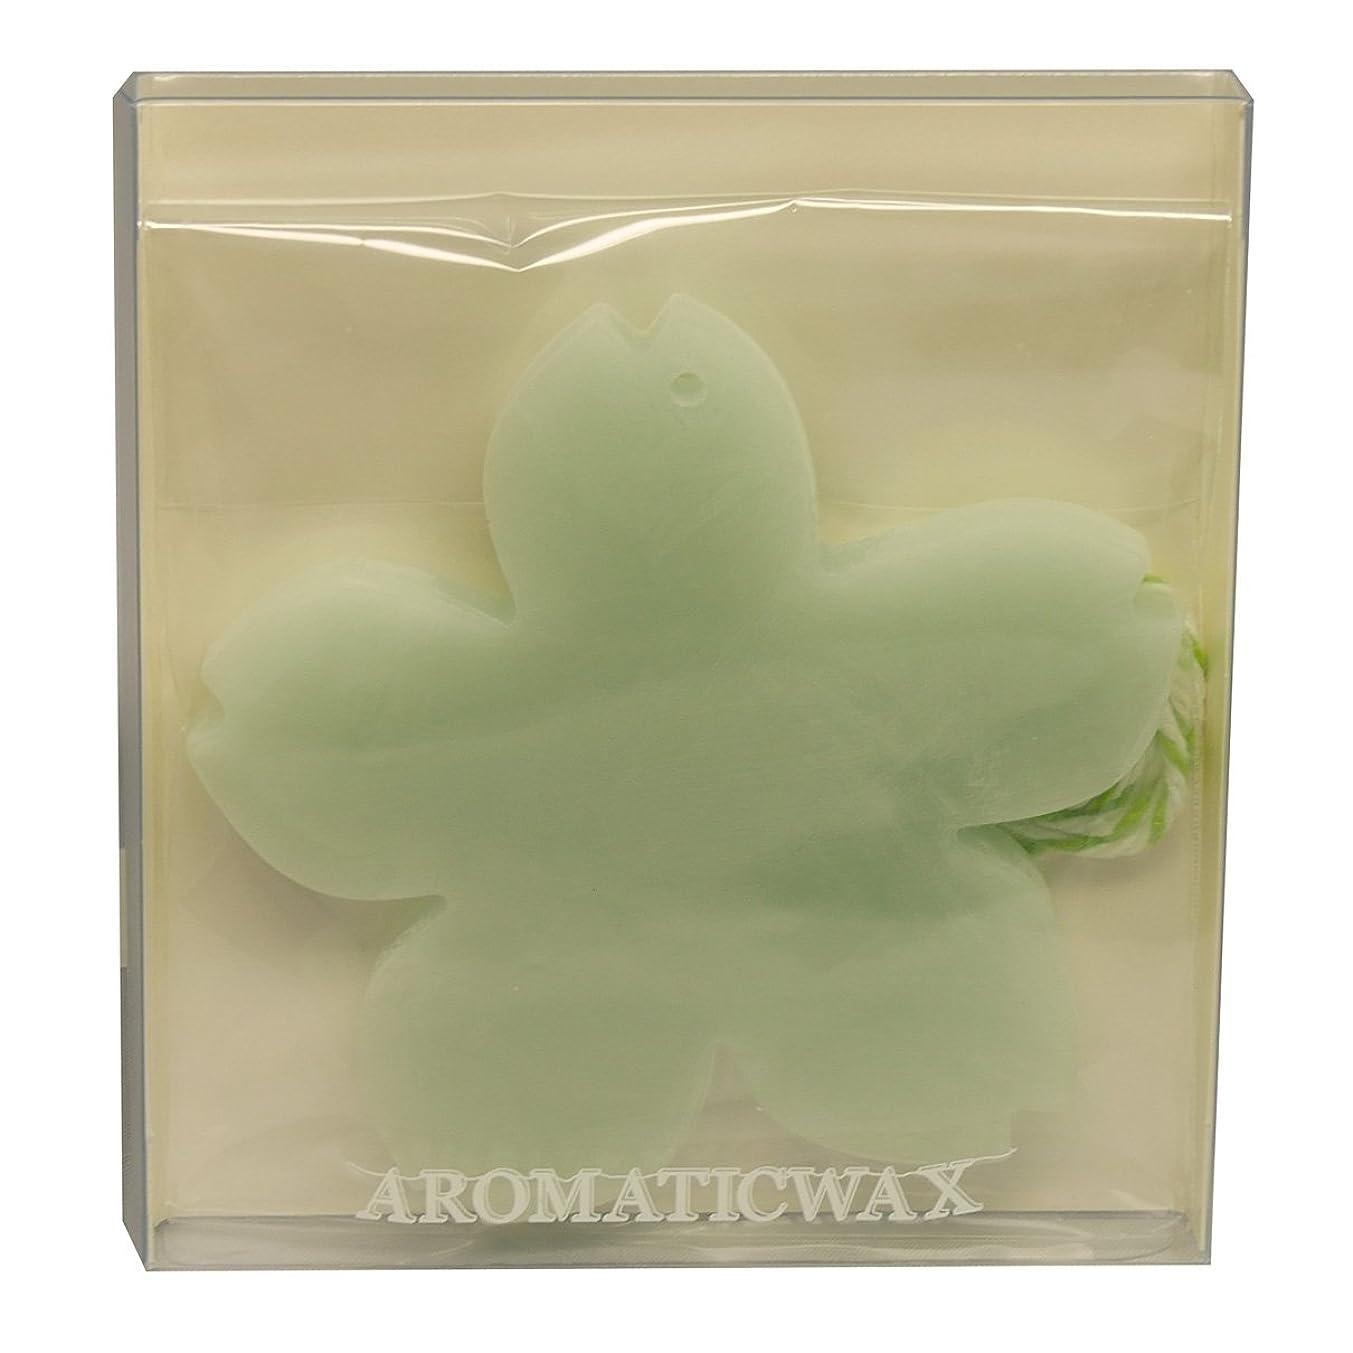 恥ずかしさ吸収発見するGRASSE TOKYO AROMATICWAXチャーム「さくら」(GR) レモングラス アロマティックワックス グラーストウキョウ